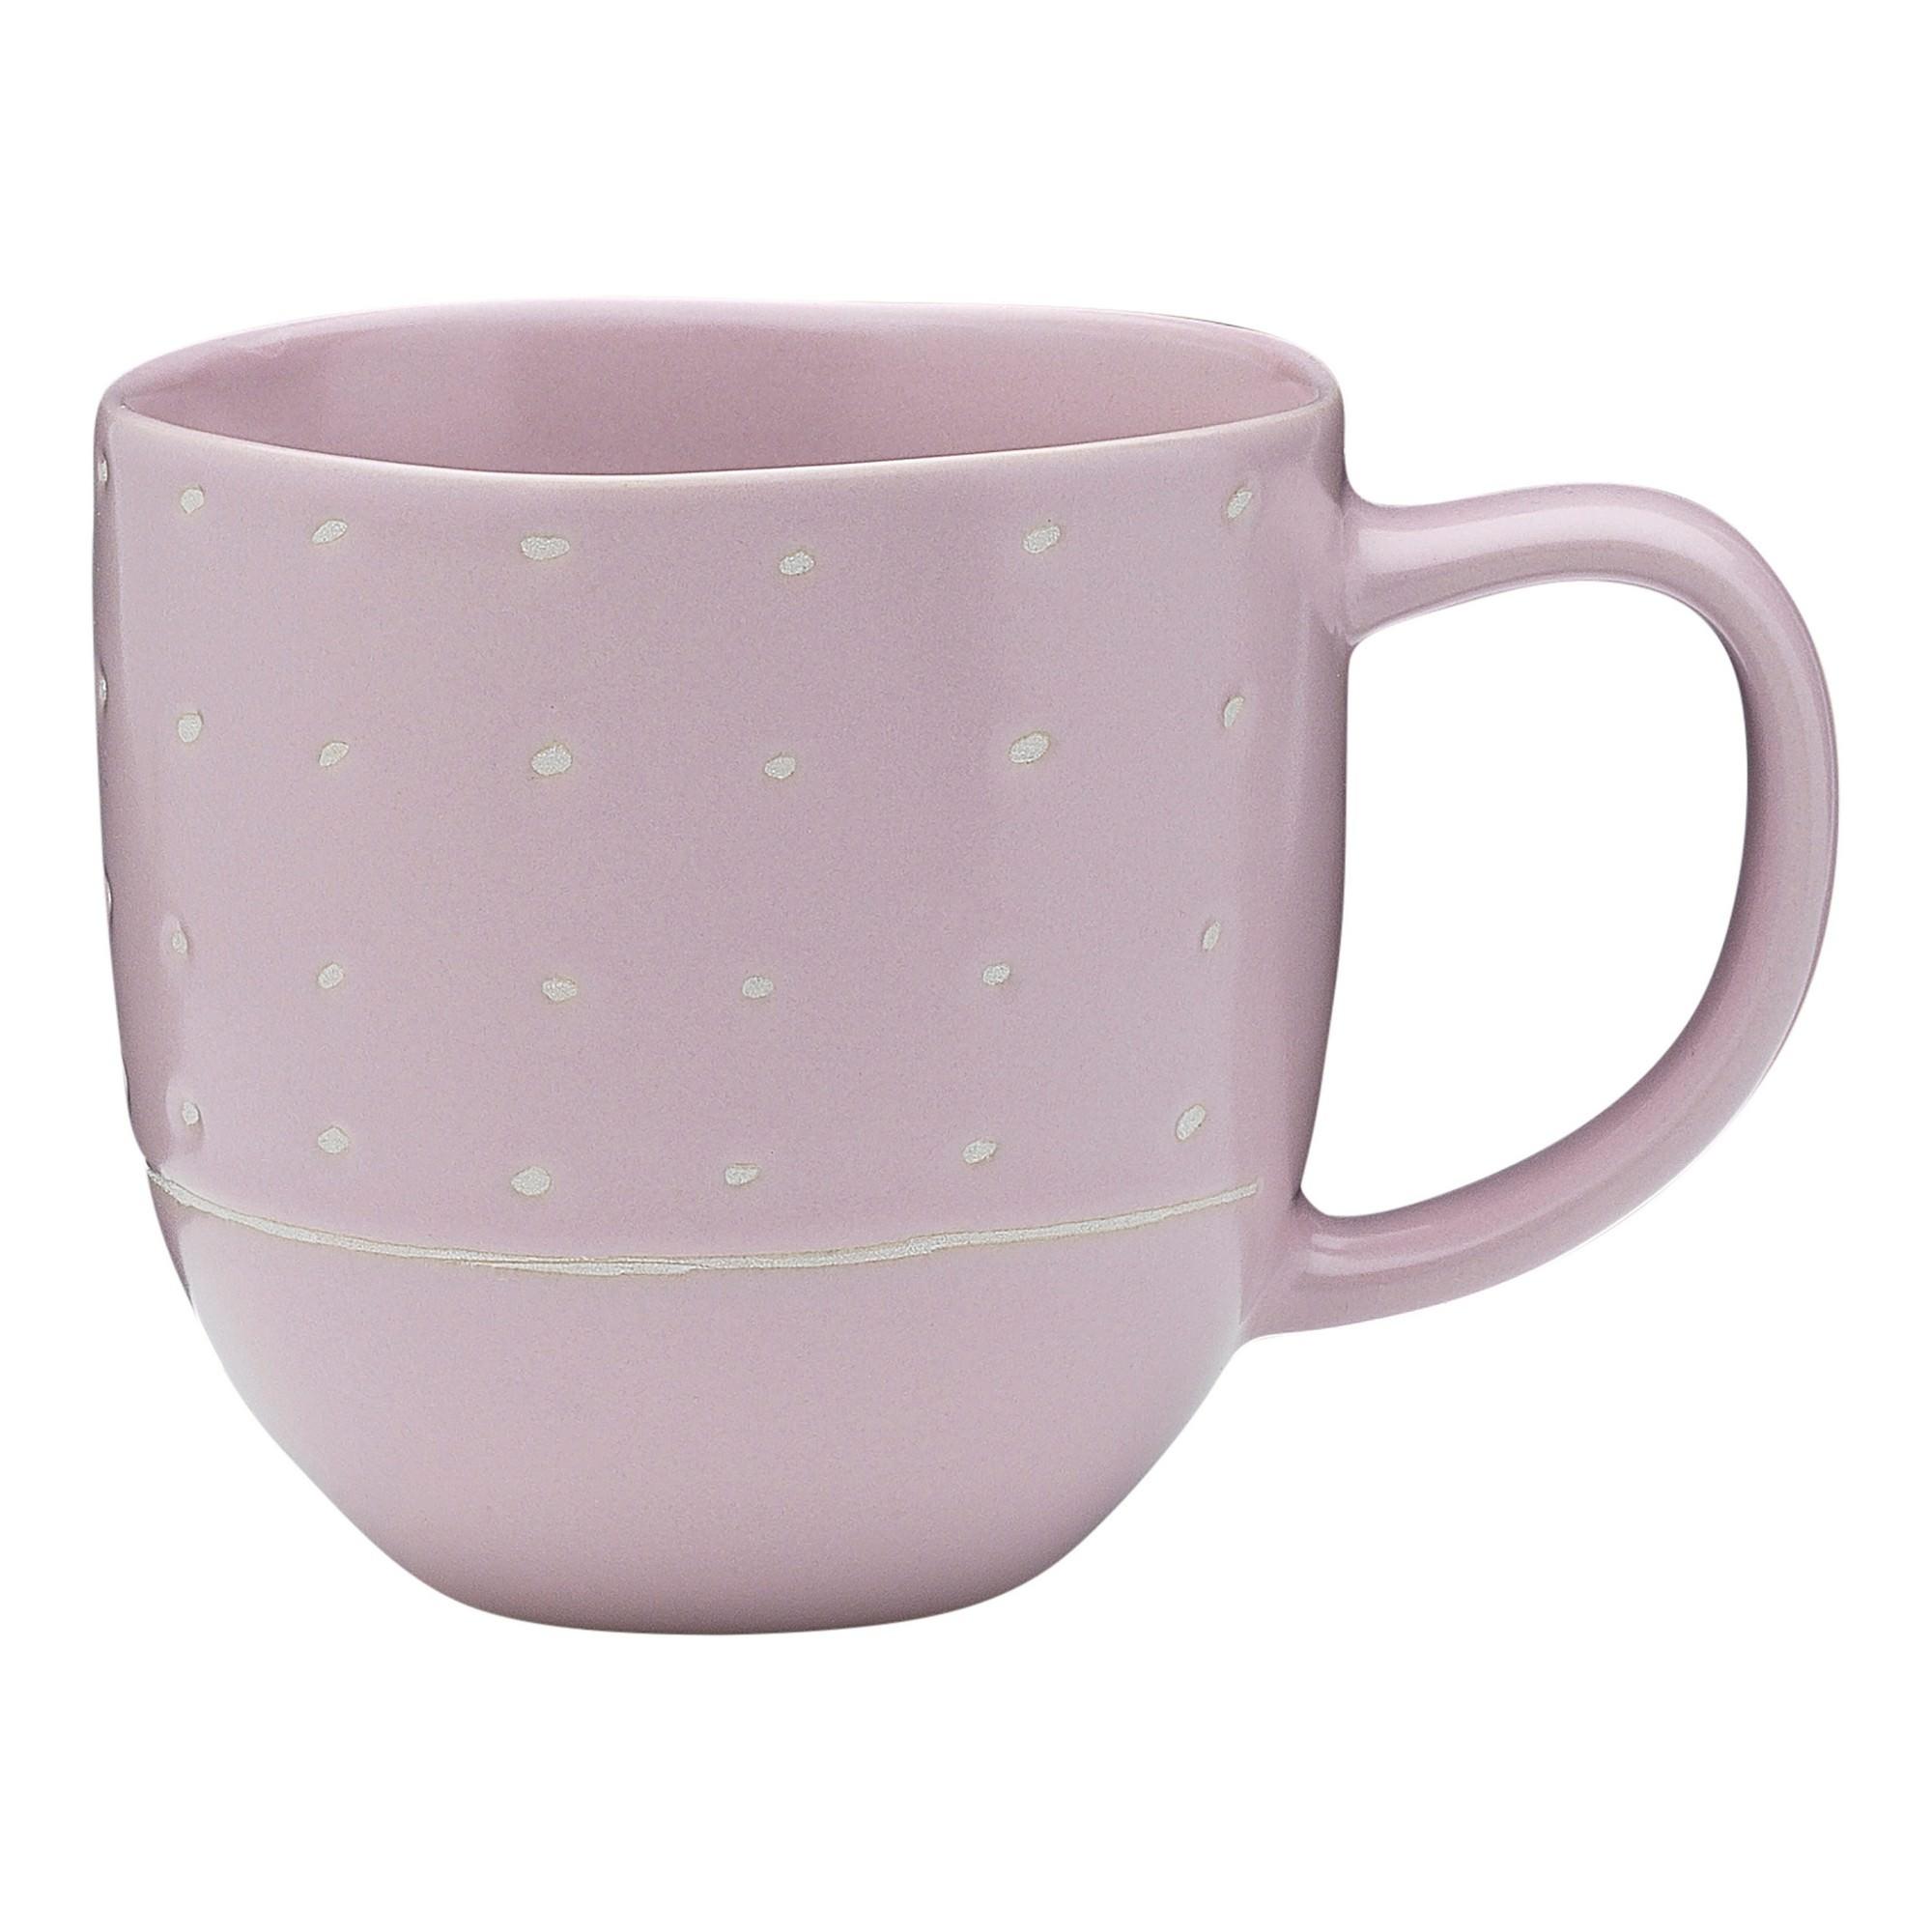 Ecology Dwell Stoneware Mug, Dot